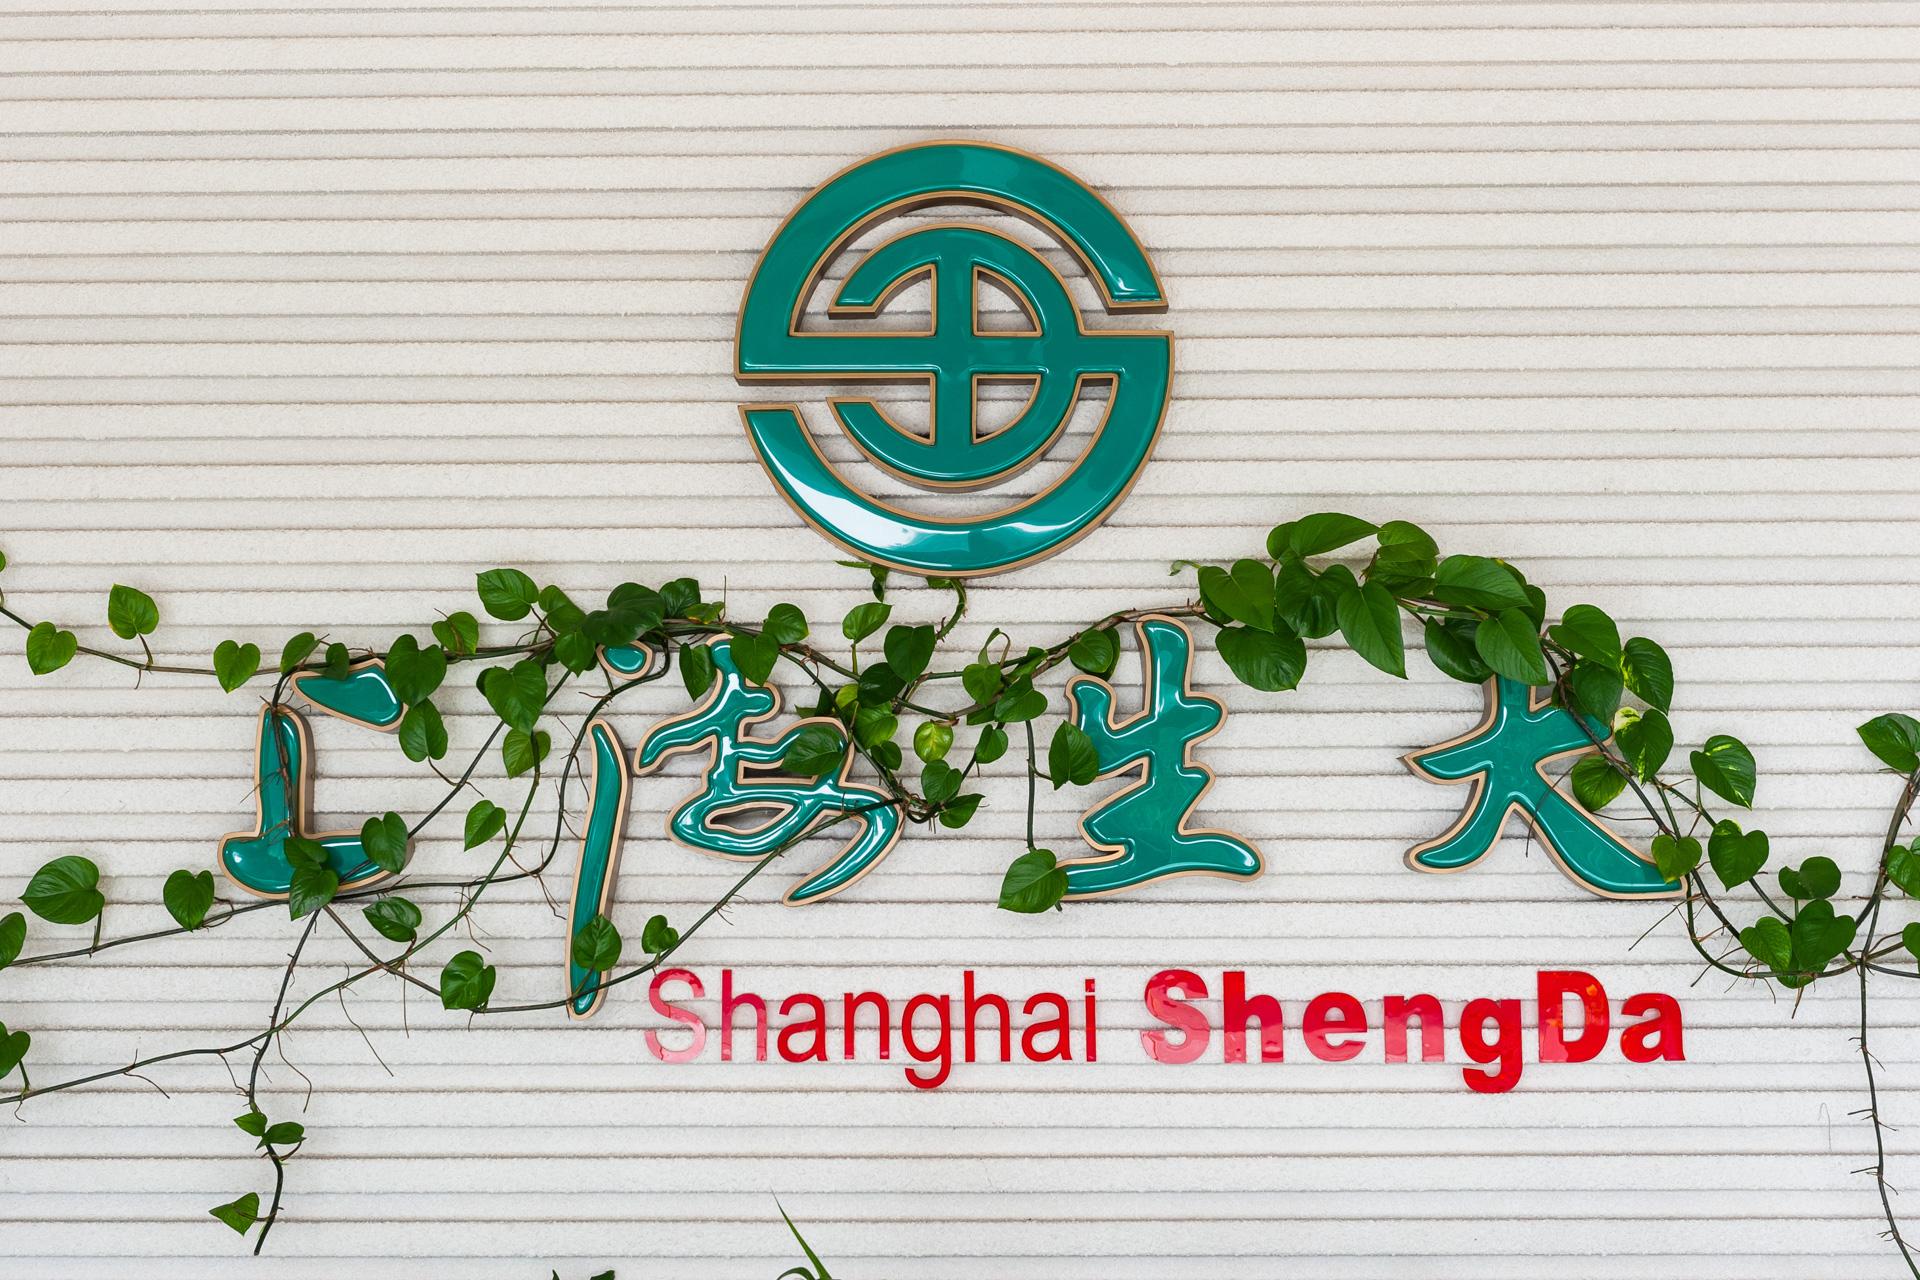 上海生大医保股份有限公司